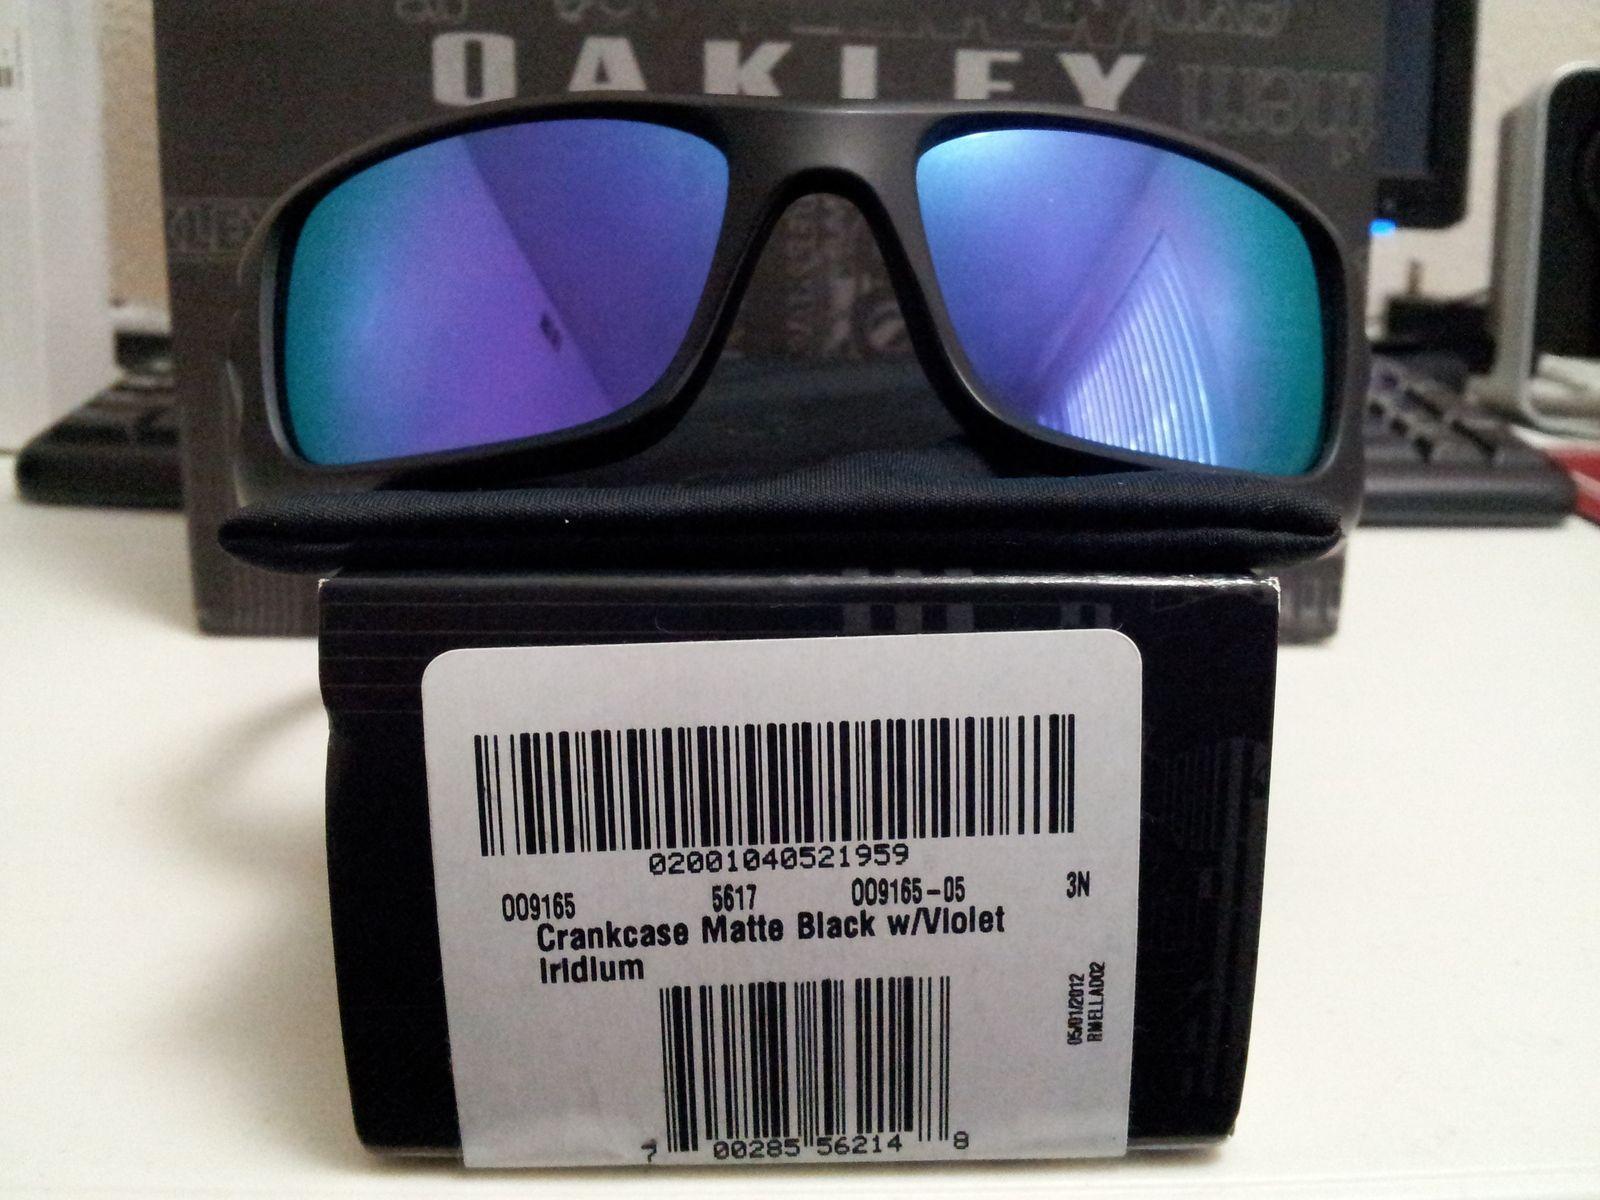 Crankcase Matte Black/Violet (Box, Bag, Paperwork, Reciept Included) - 20130602121445.jpg